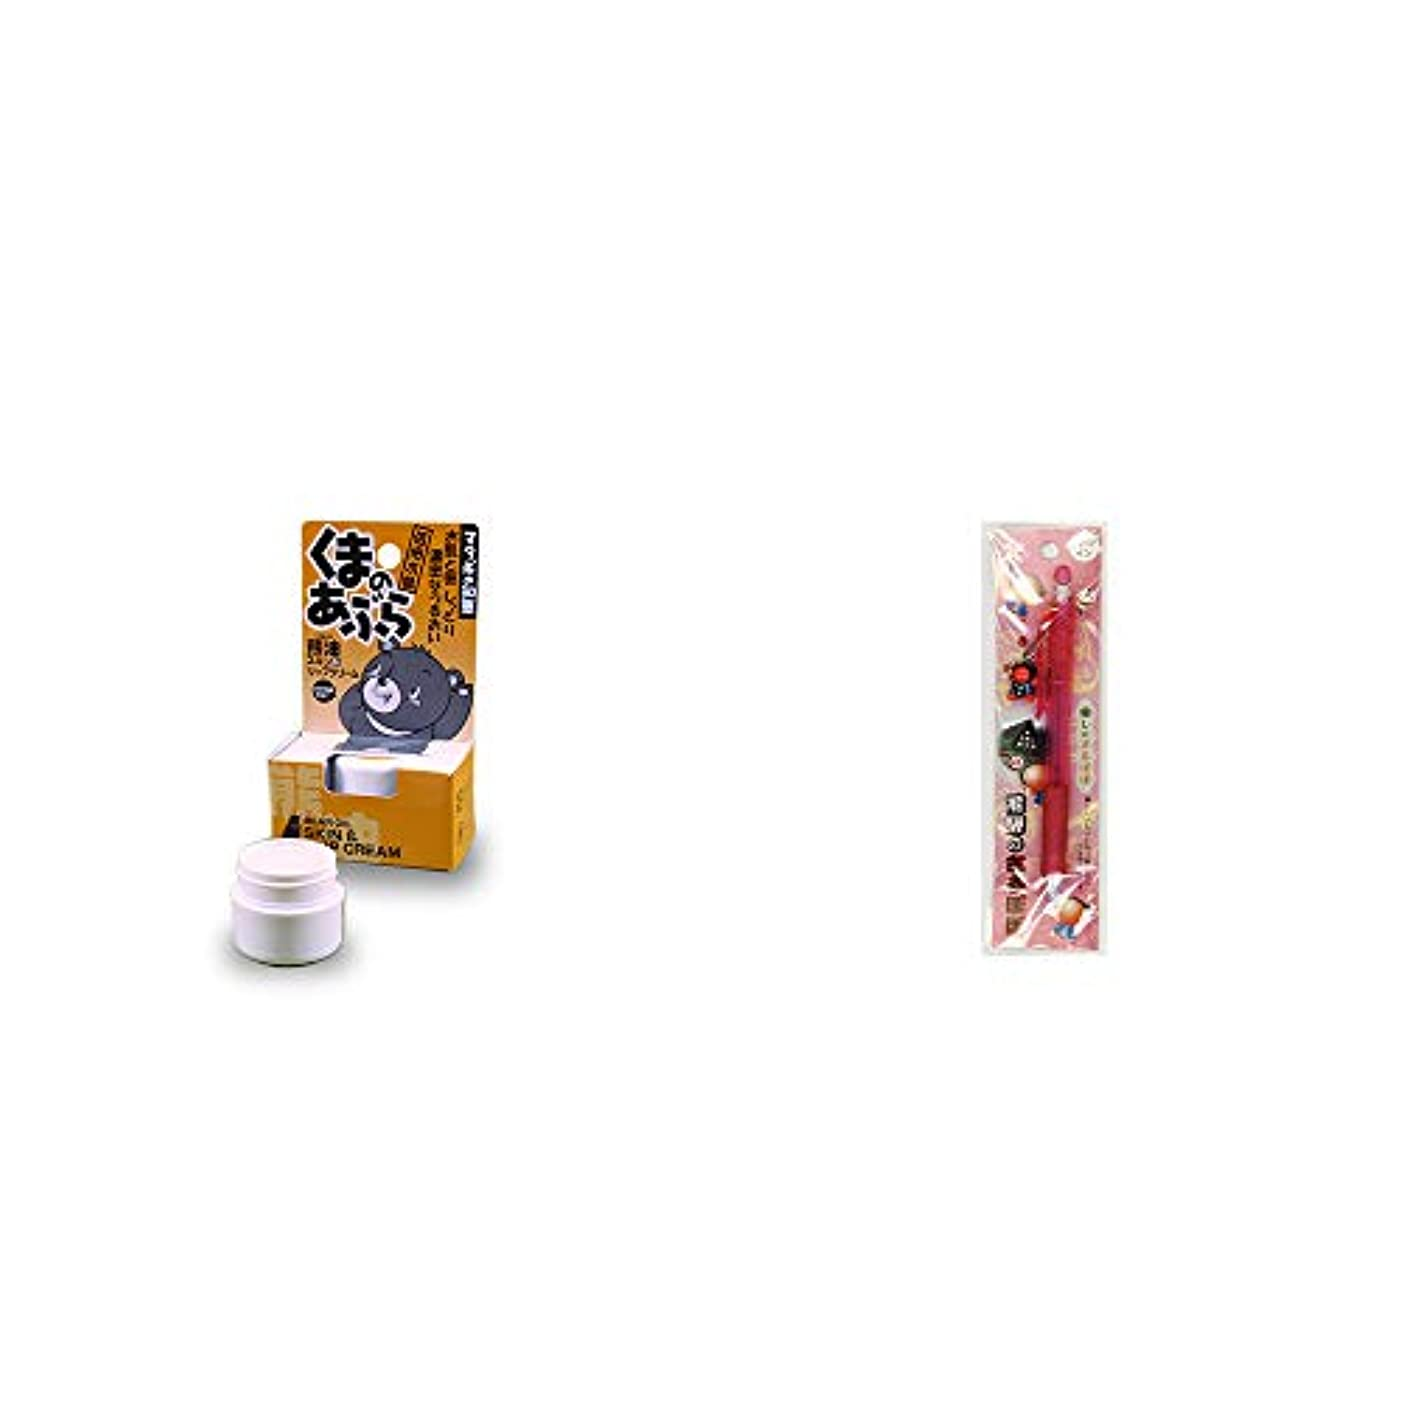 発掘リンス直面する[2点セット] 信州木曽 くまのあぶら 熊油スキン&リップクリーム(9g)?さるぼぼ 癒しシャープペン 【ピンク】